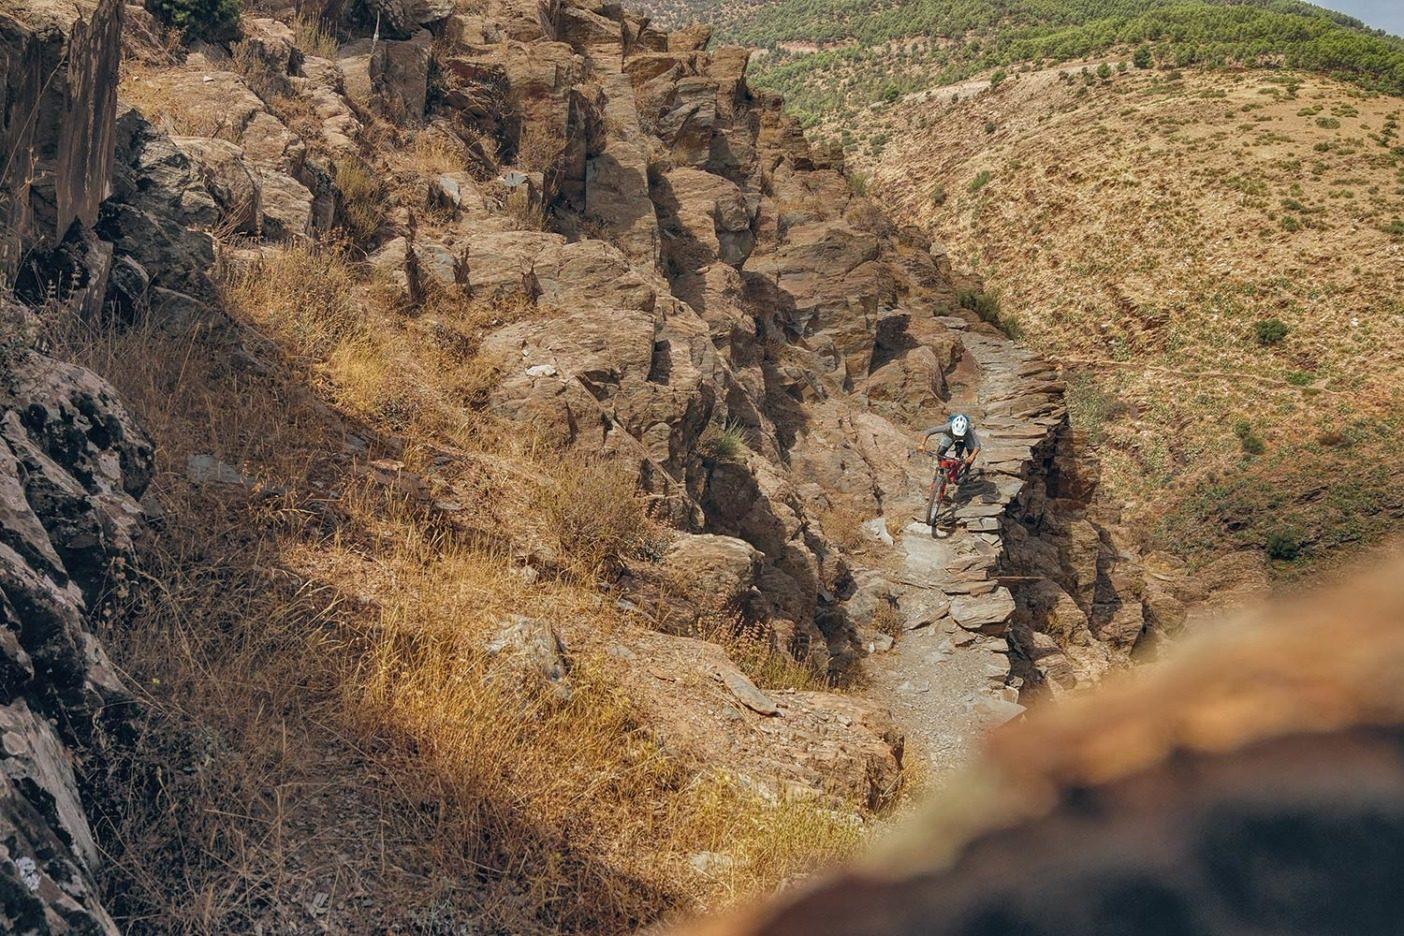 アミズミズのスーク(市場)へとトレイルの最後の区間を下るレイラニ・ブランツ。アメリカで複製するとしたら 1 キロメートル当たり85,000 ドルを要すると推定され、信じられないほど精巧で複雑な区間。Photo: Leslie Kehmeier